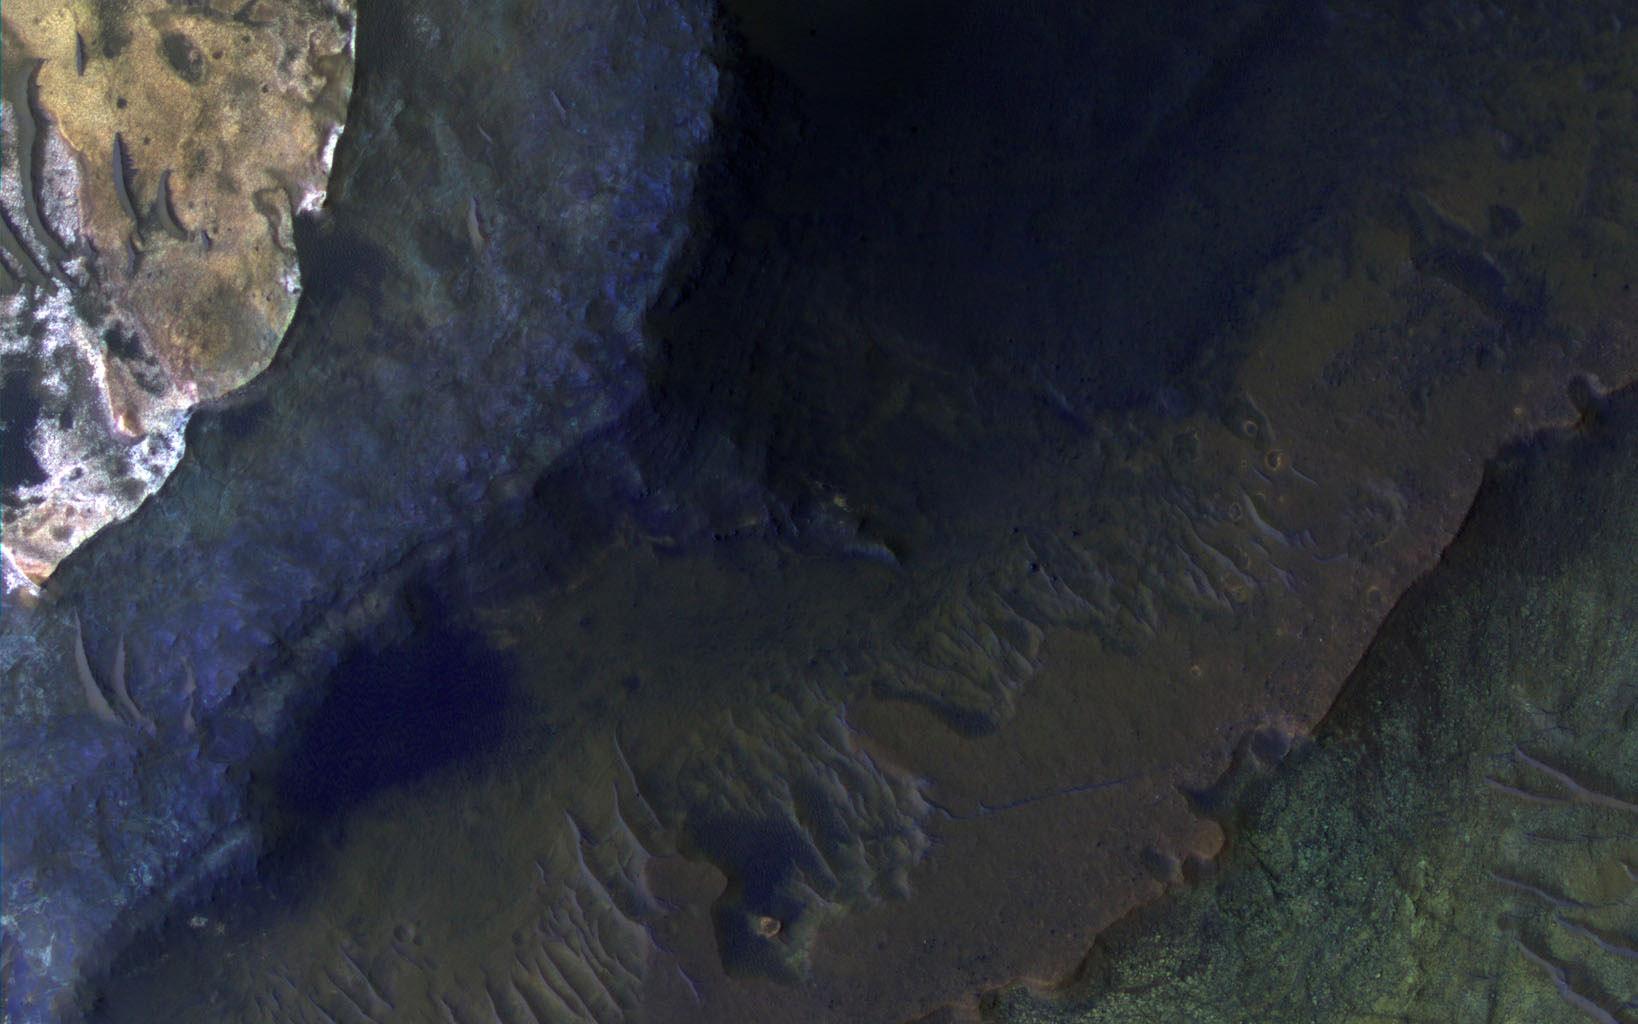 Capri Chasma regionen i Valis Marineris kløfterne